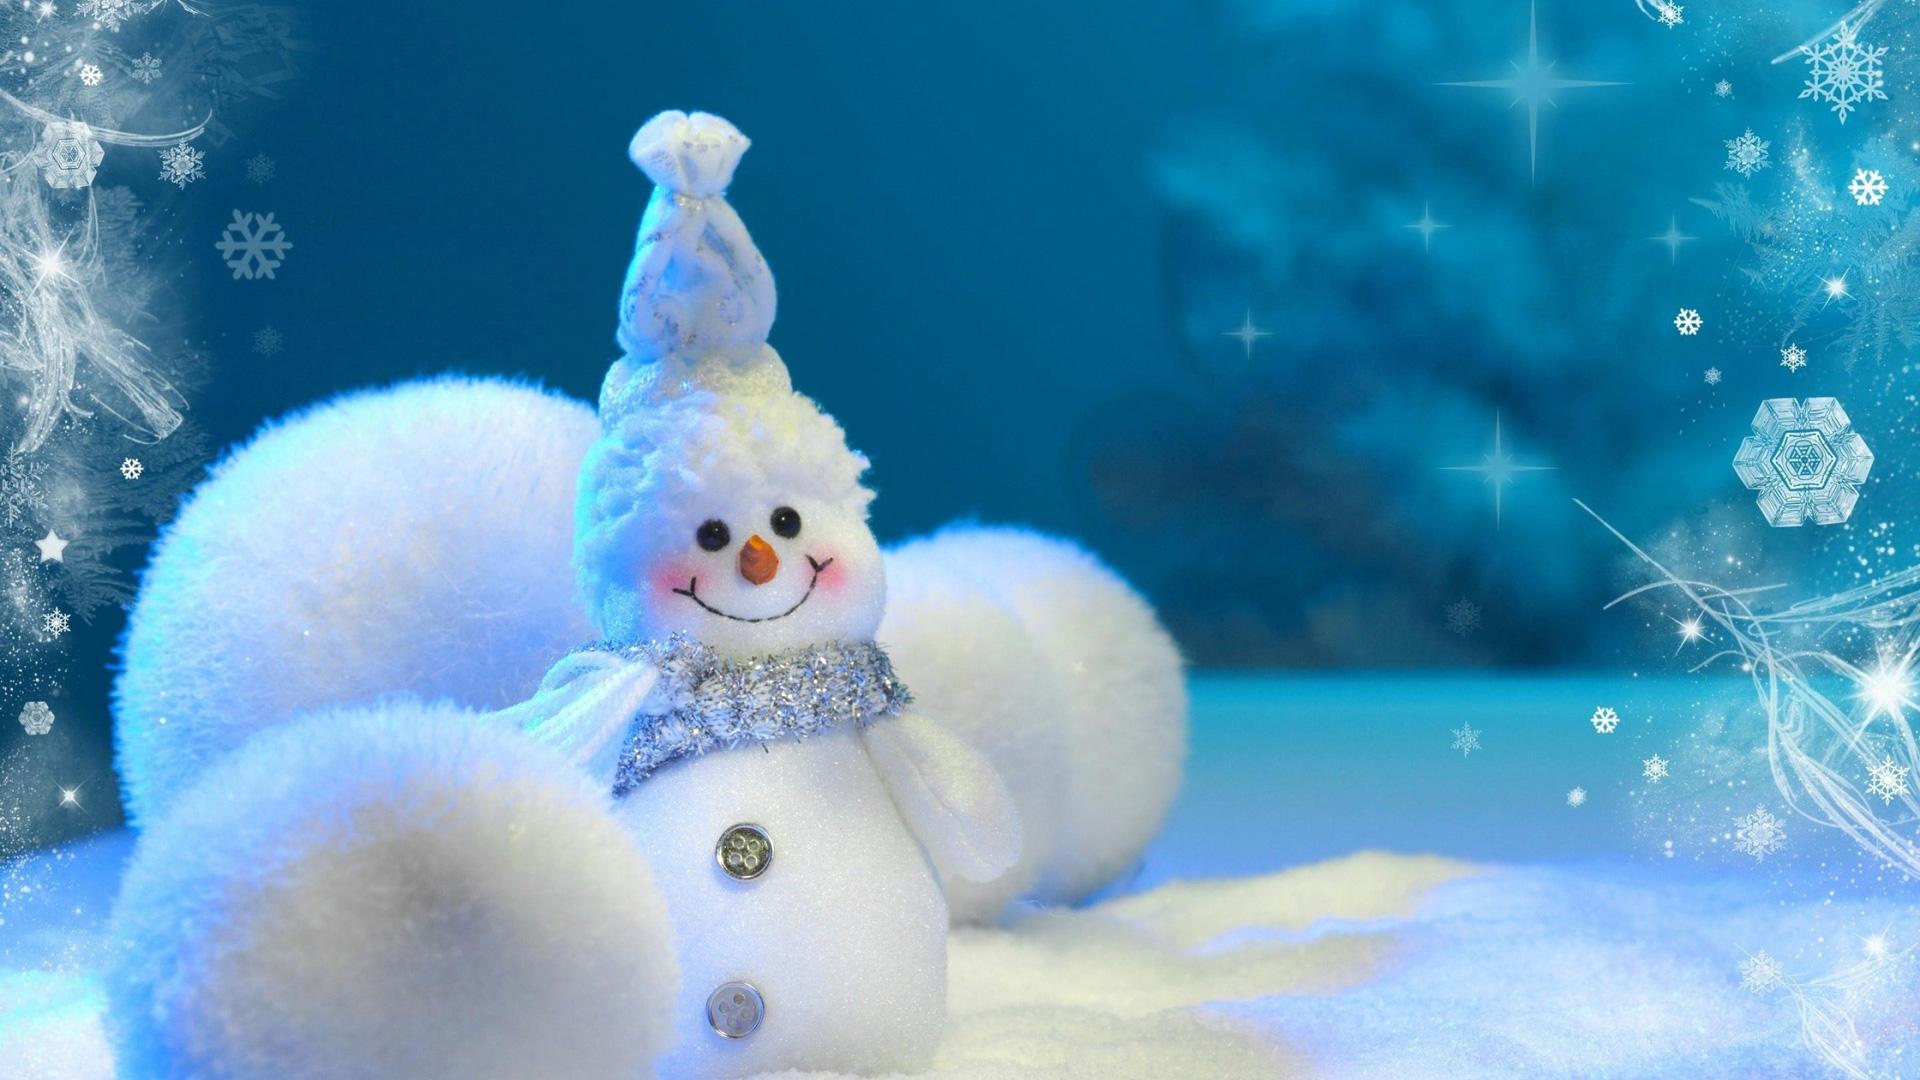 Download Wallpaper Cute Snowman high definition wallpaper 1080p 1920x1080